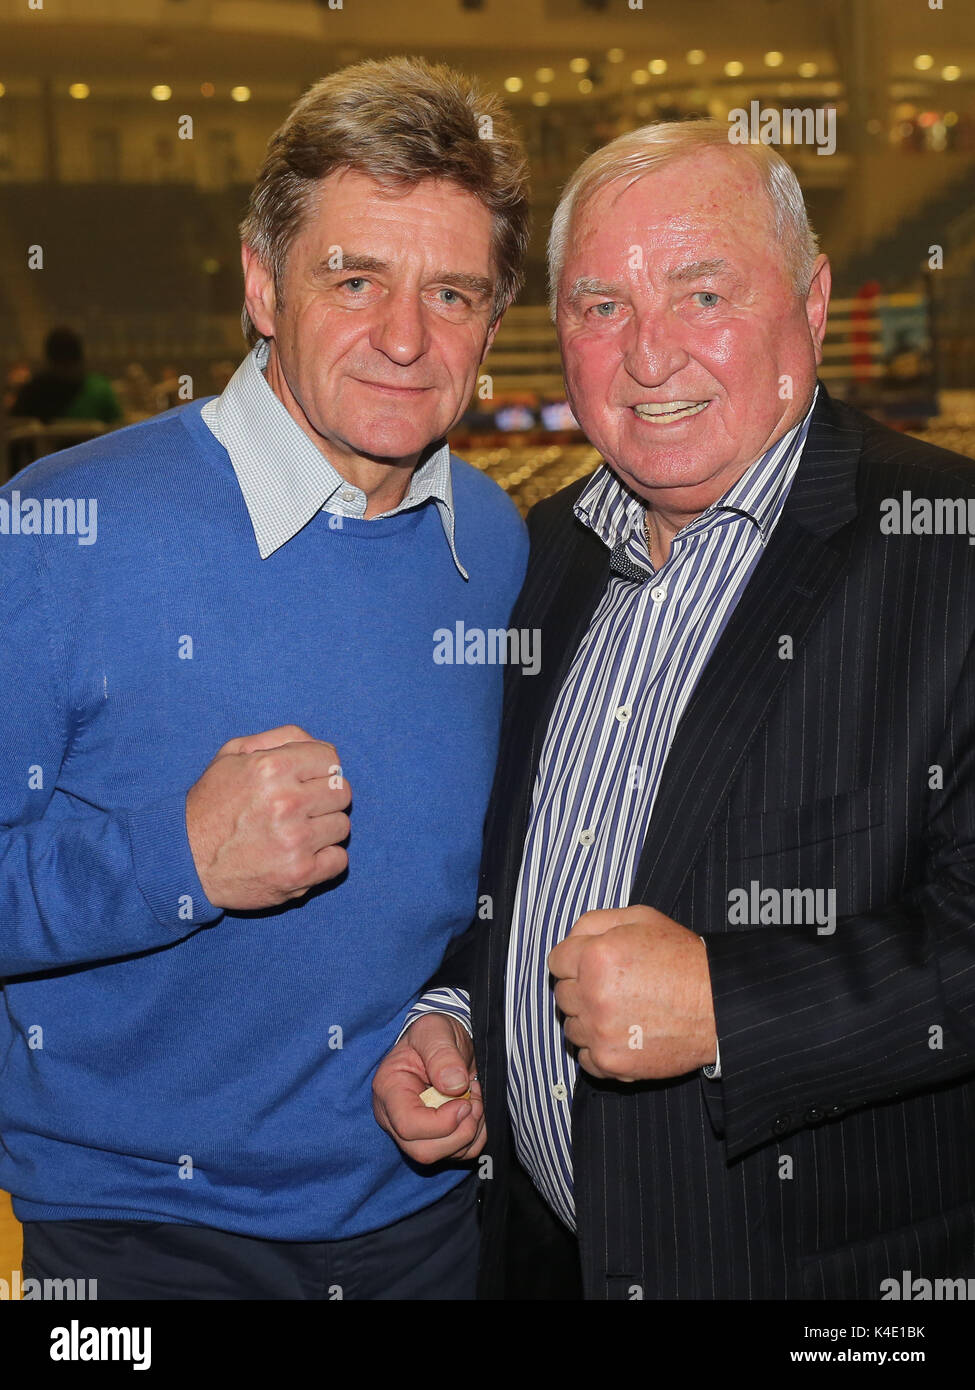 Georg Bramowski And Ulli Wegner Team Sauerland Stock Photo